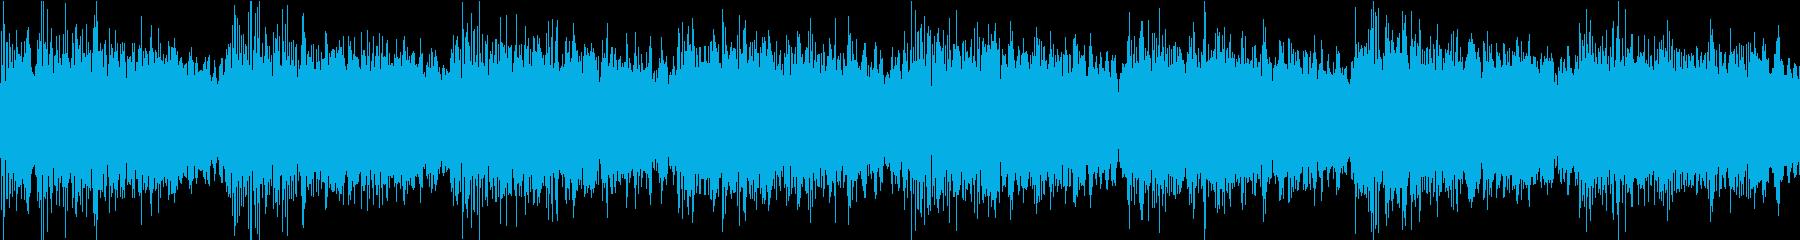 サイレン 緊急 防災 アラーム 警報 6の再生済みの波形